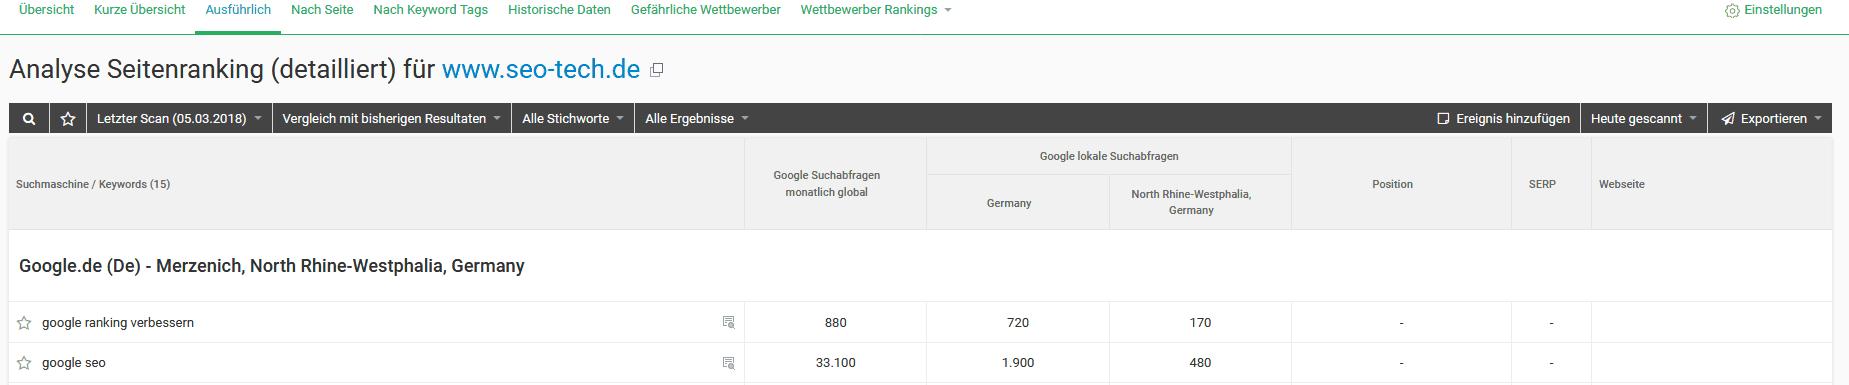 ranking analyse uebersicht detail